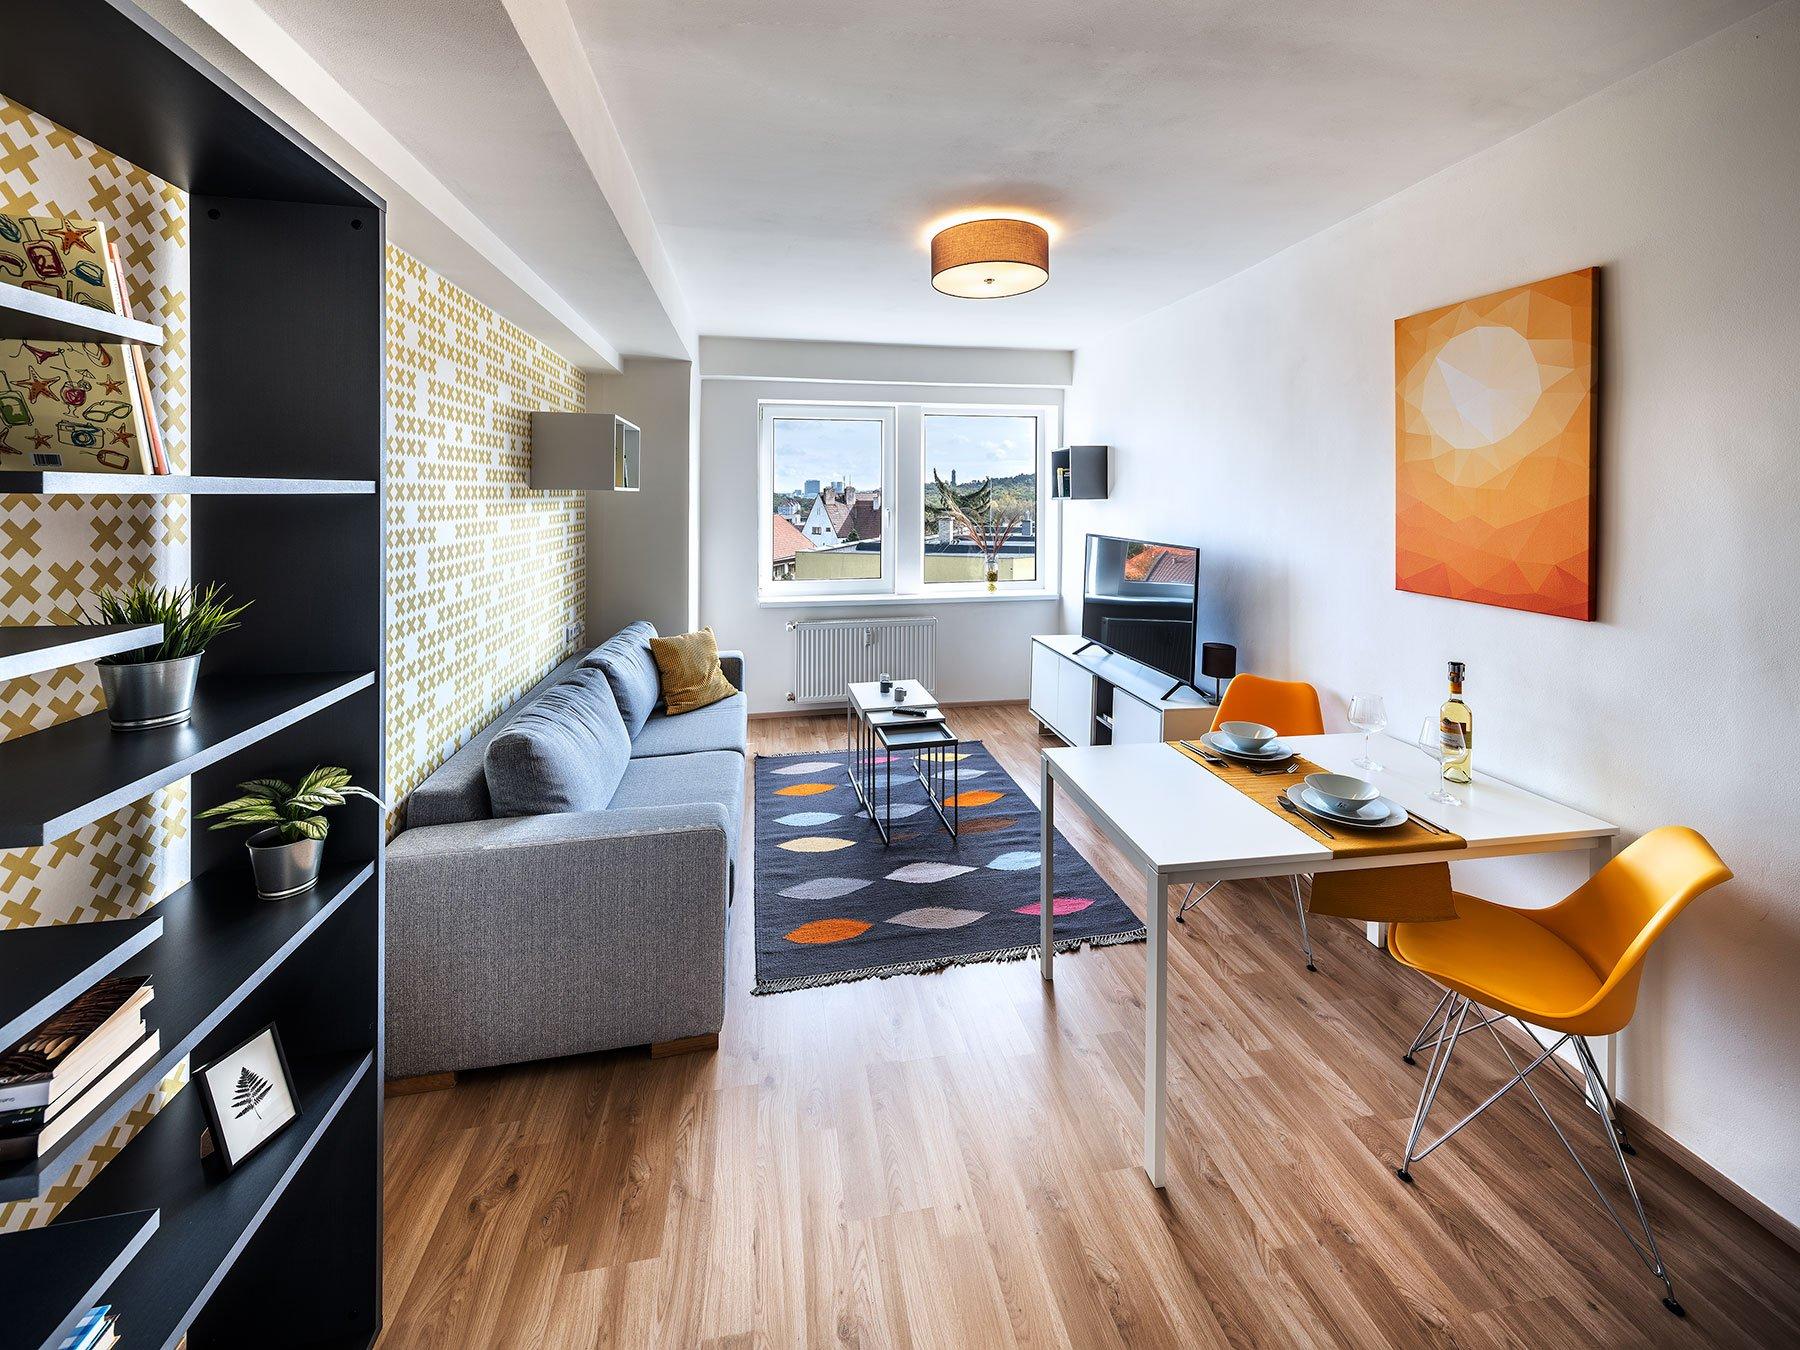 Malé byty jsou v Česku žádané. Souvisí to s fenoménem singles a mingles